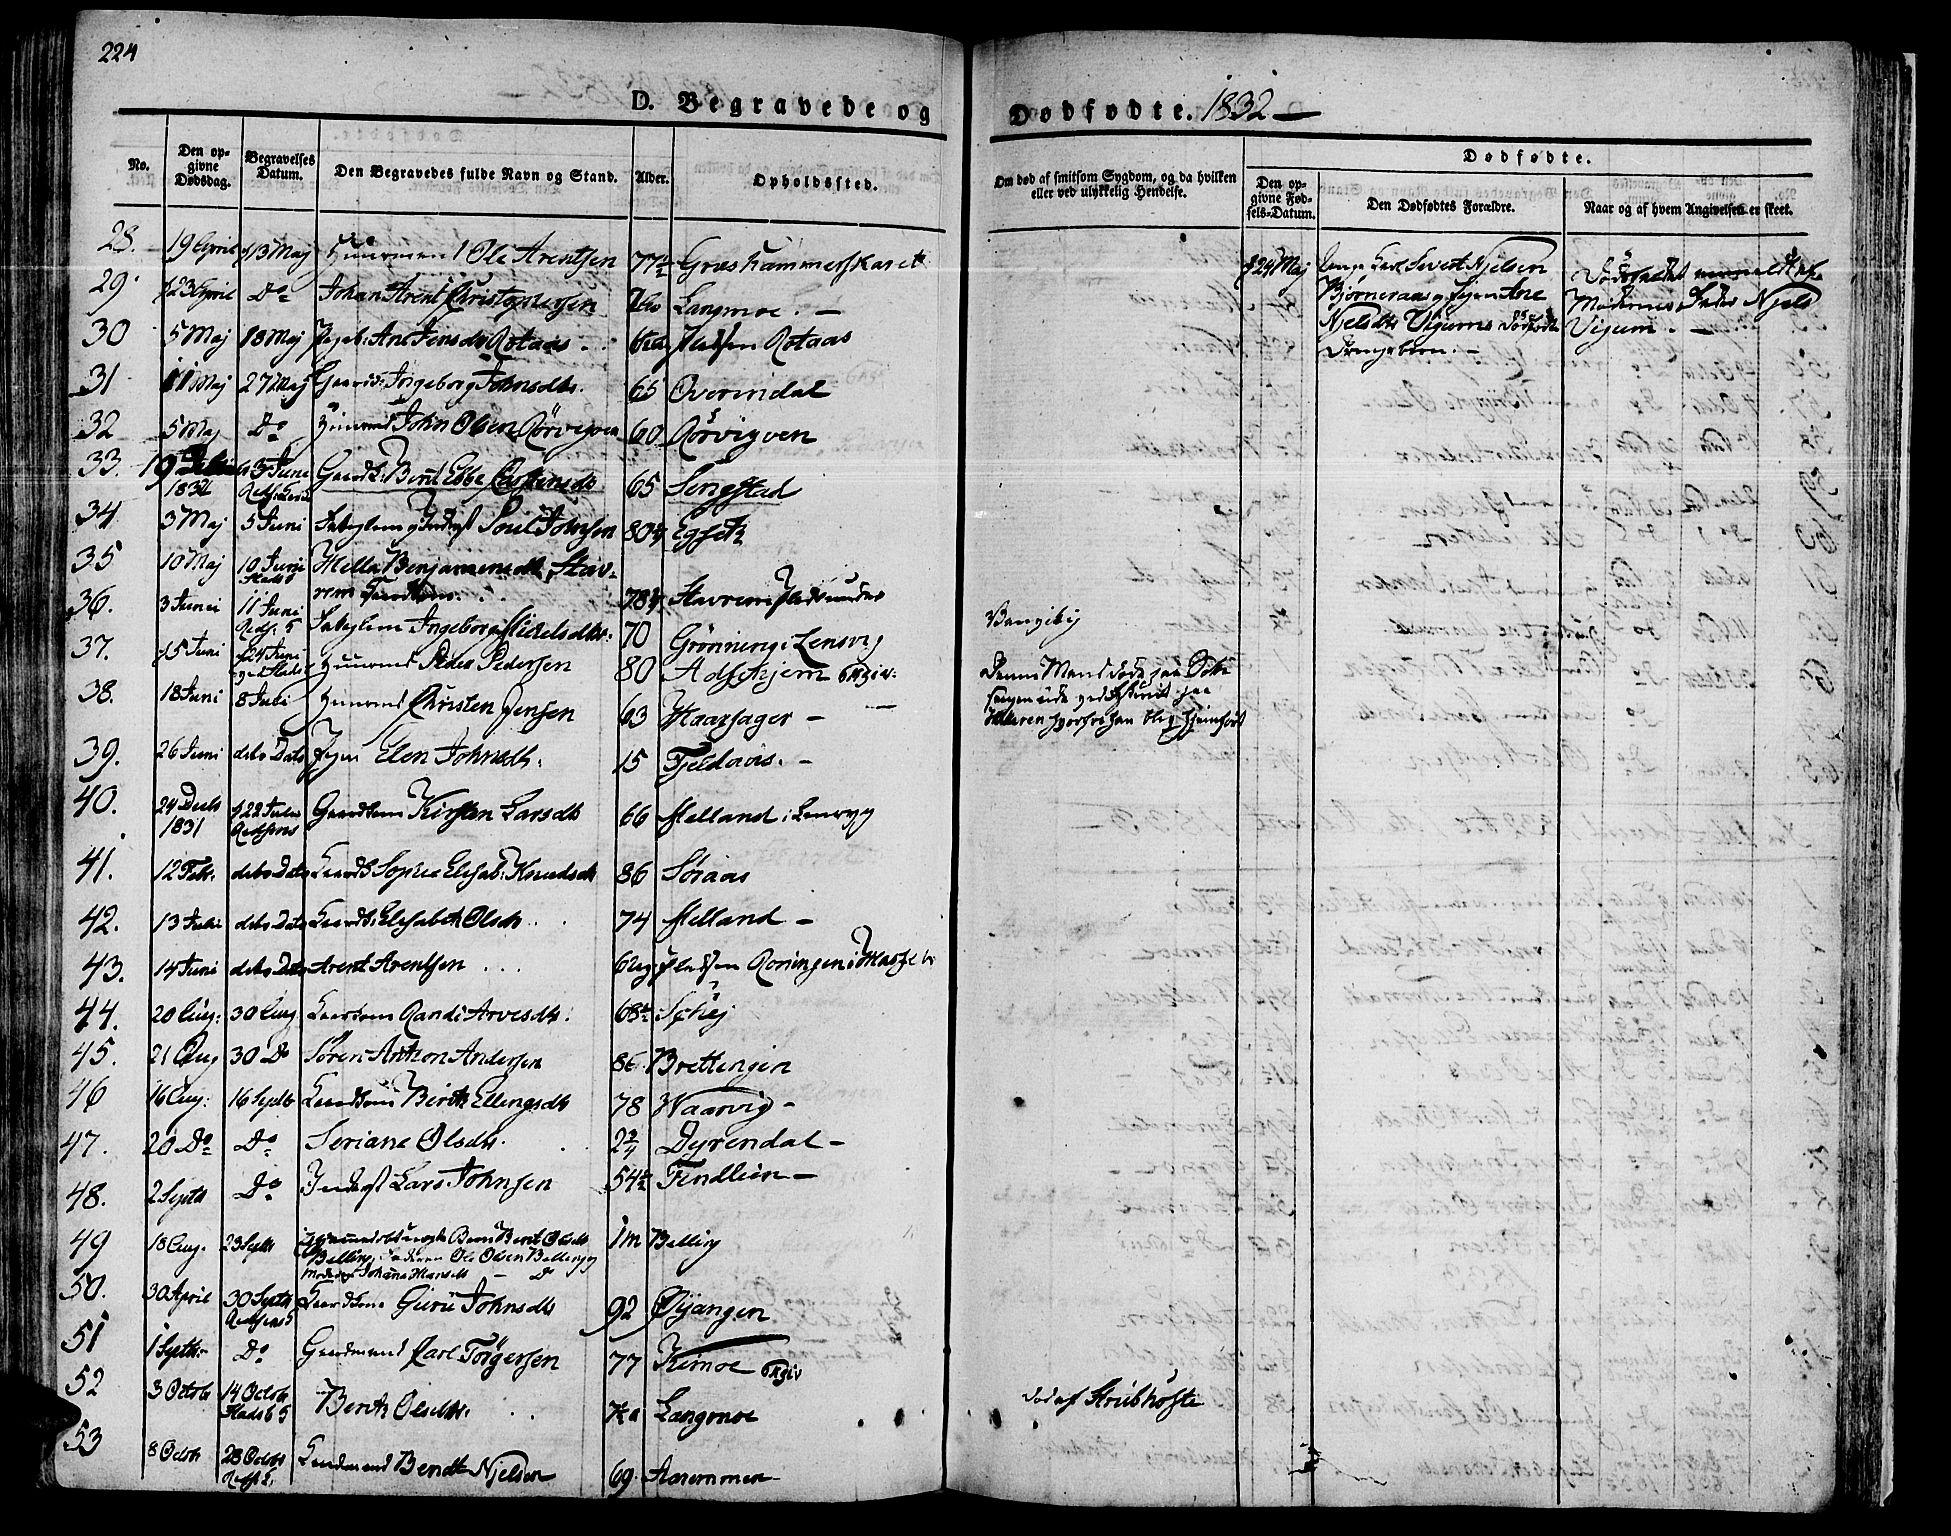 SAT, Ministerialprotokoller, klokkerbøker og fødselsregistre - Sør-Trøndelag, 646/L0609: Ministerialbok nr. 646A07, 1826-1838, s. 224